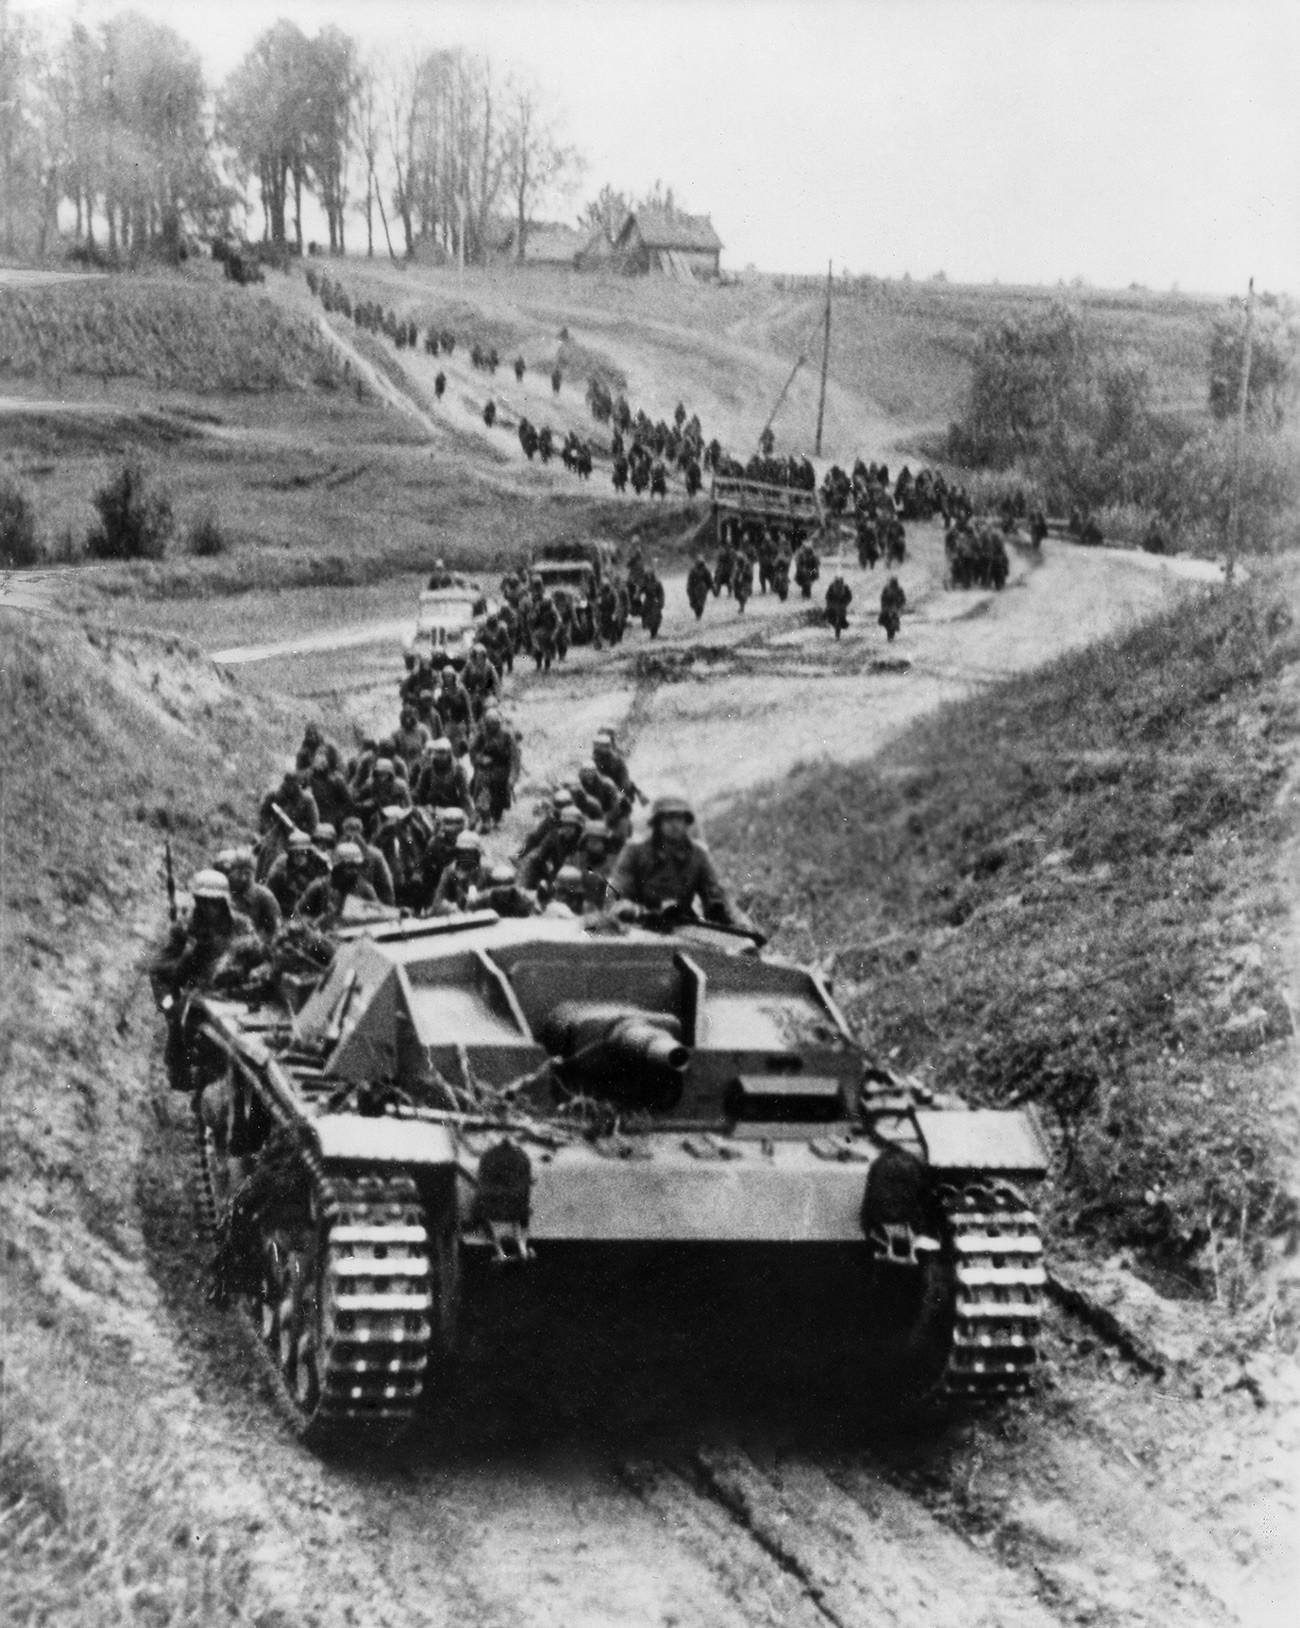 Восточный фронт Второй мировой войны был открыт в июне 1941 года, когда фашисты вторглись в СССР.